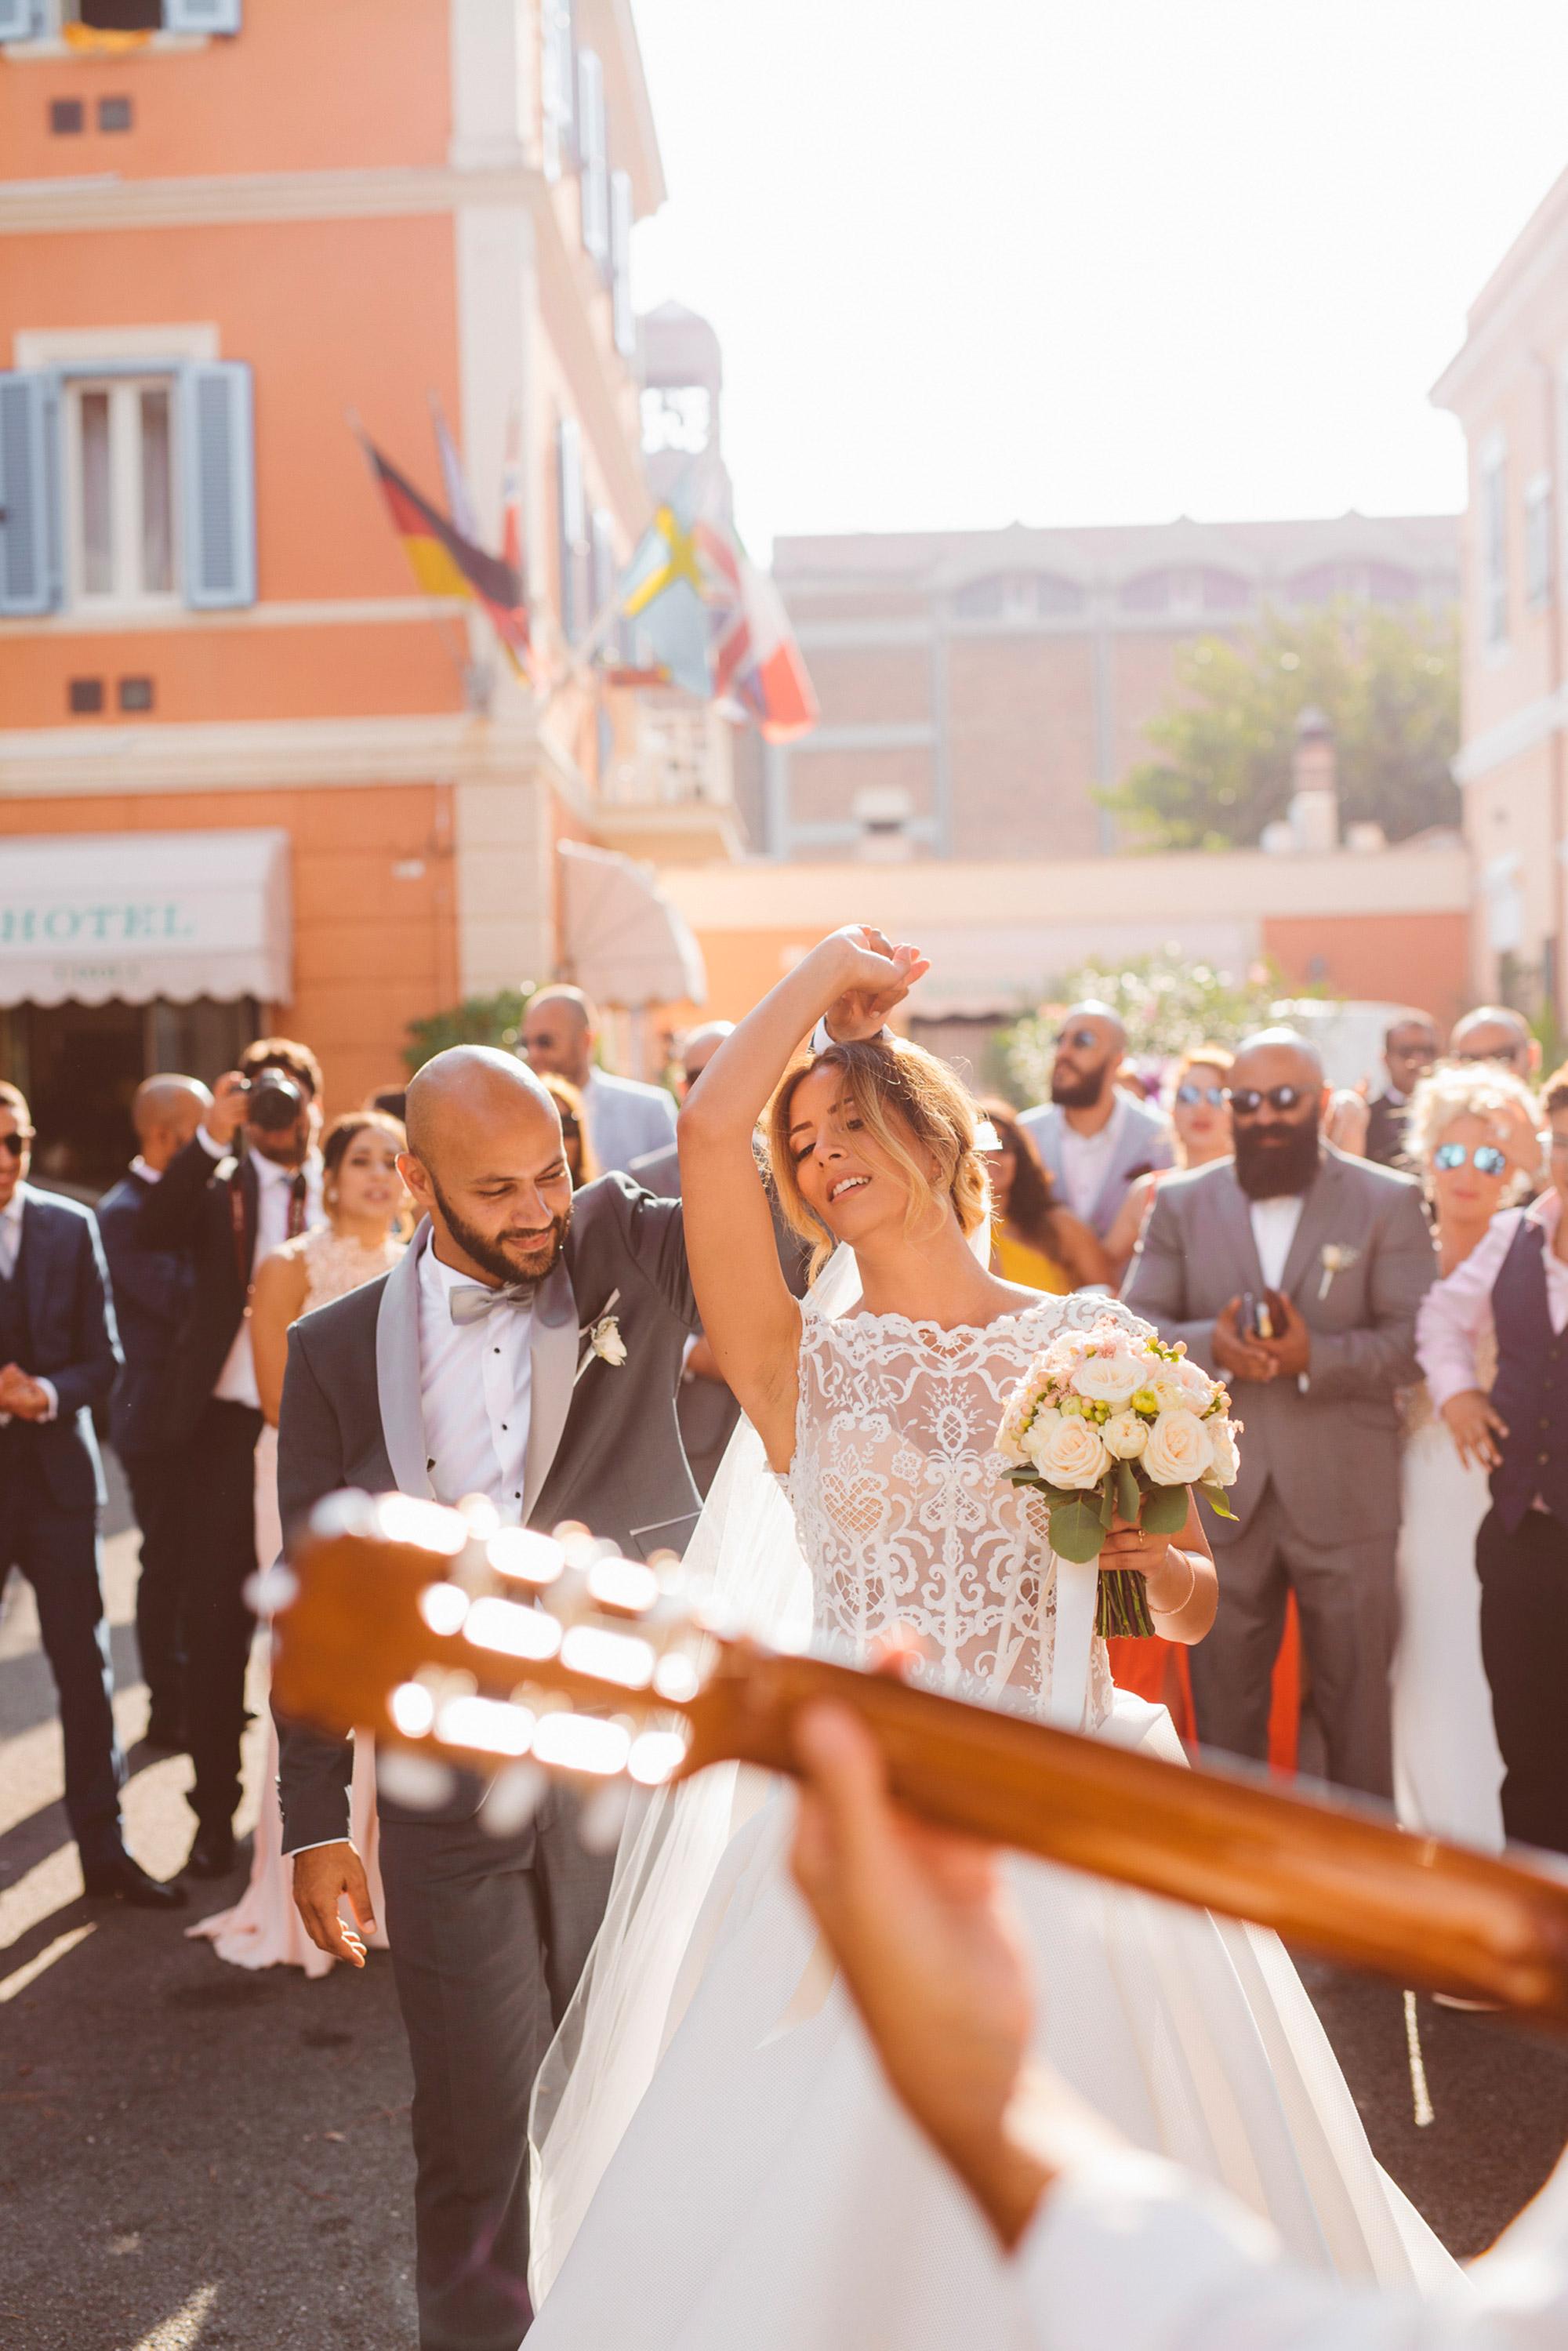 062-santamarinella-wedding-castello-odescalchi.jpg